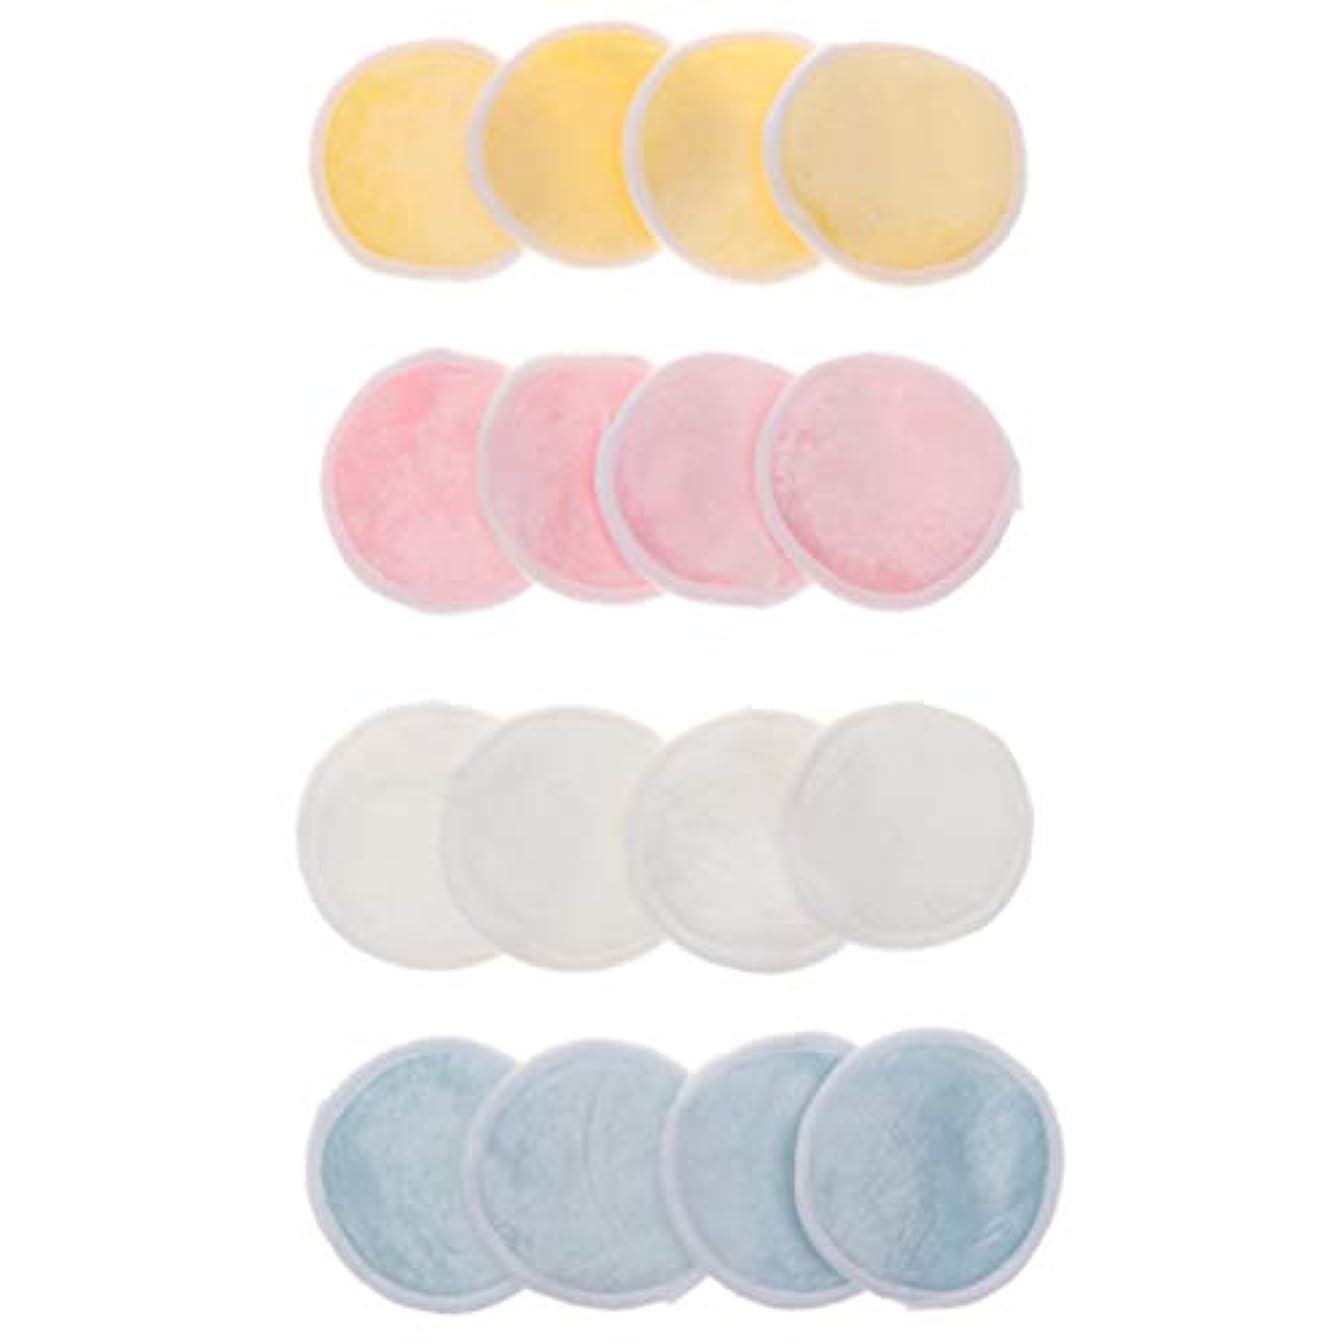 最初召集するに対処するKESOTO クレンジングシート 化粧落としパッド メイク落としコットン 再使用可 化粧用 持ち運びに便利 16個入